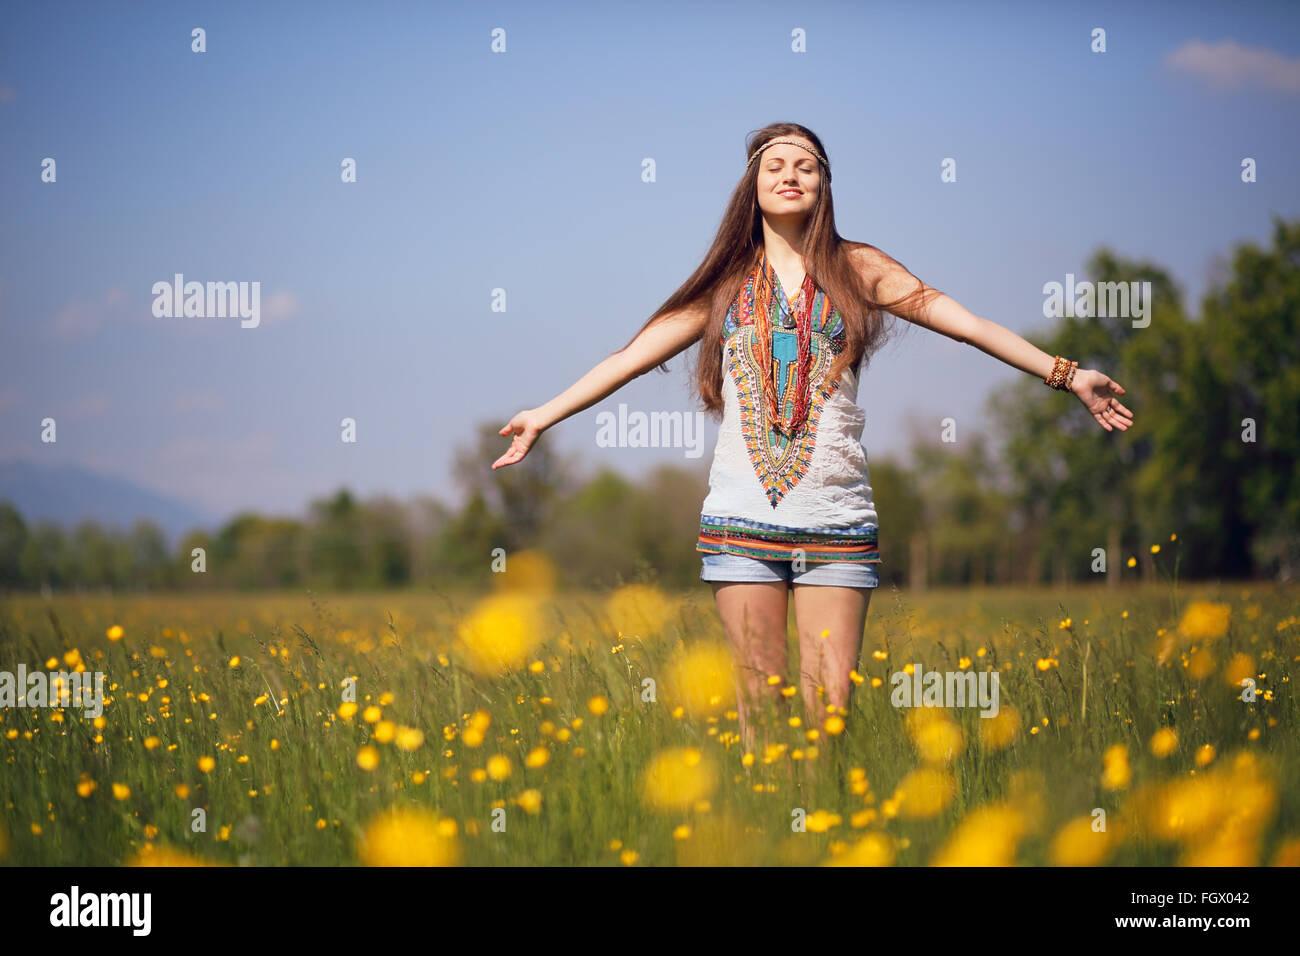 Libera e sorridente hippie in prato estivo. Vintage di un effetto fotografico Immagini Stock